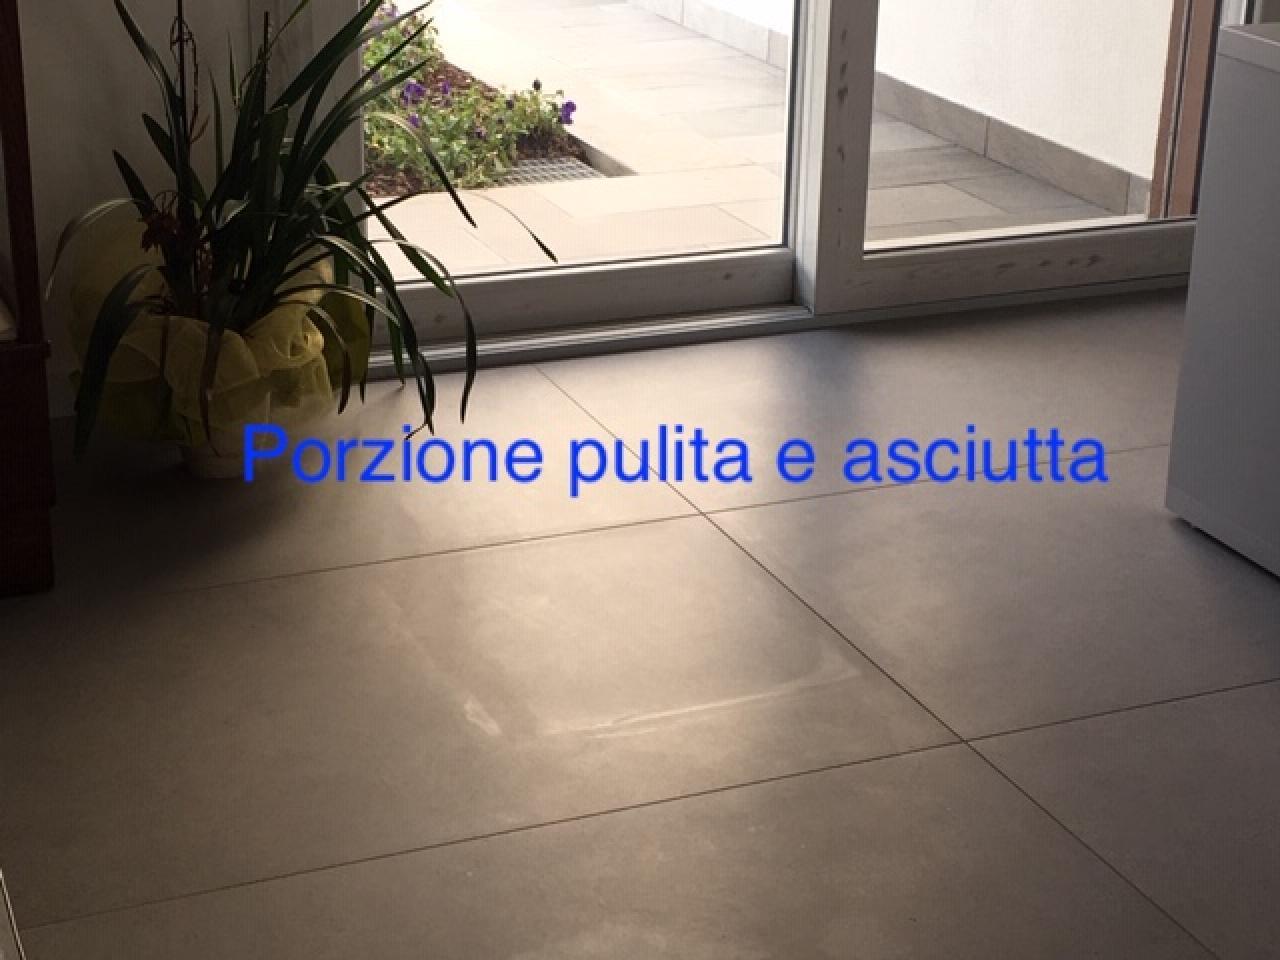 Togliere Le Piastrelle Dal Pavimento pulire le piastrelle in grès porcellanato | fratelli pellizzari